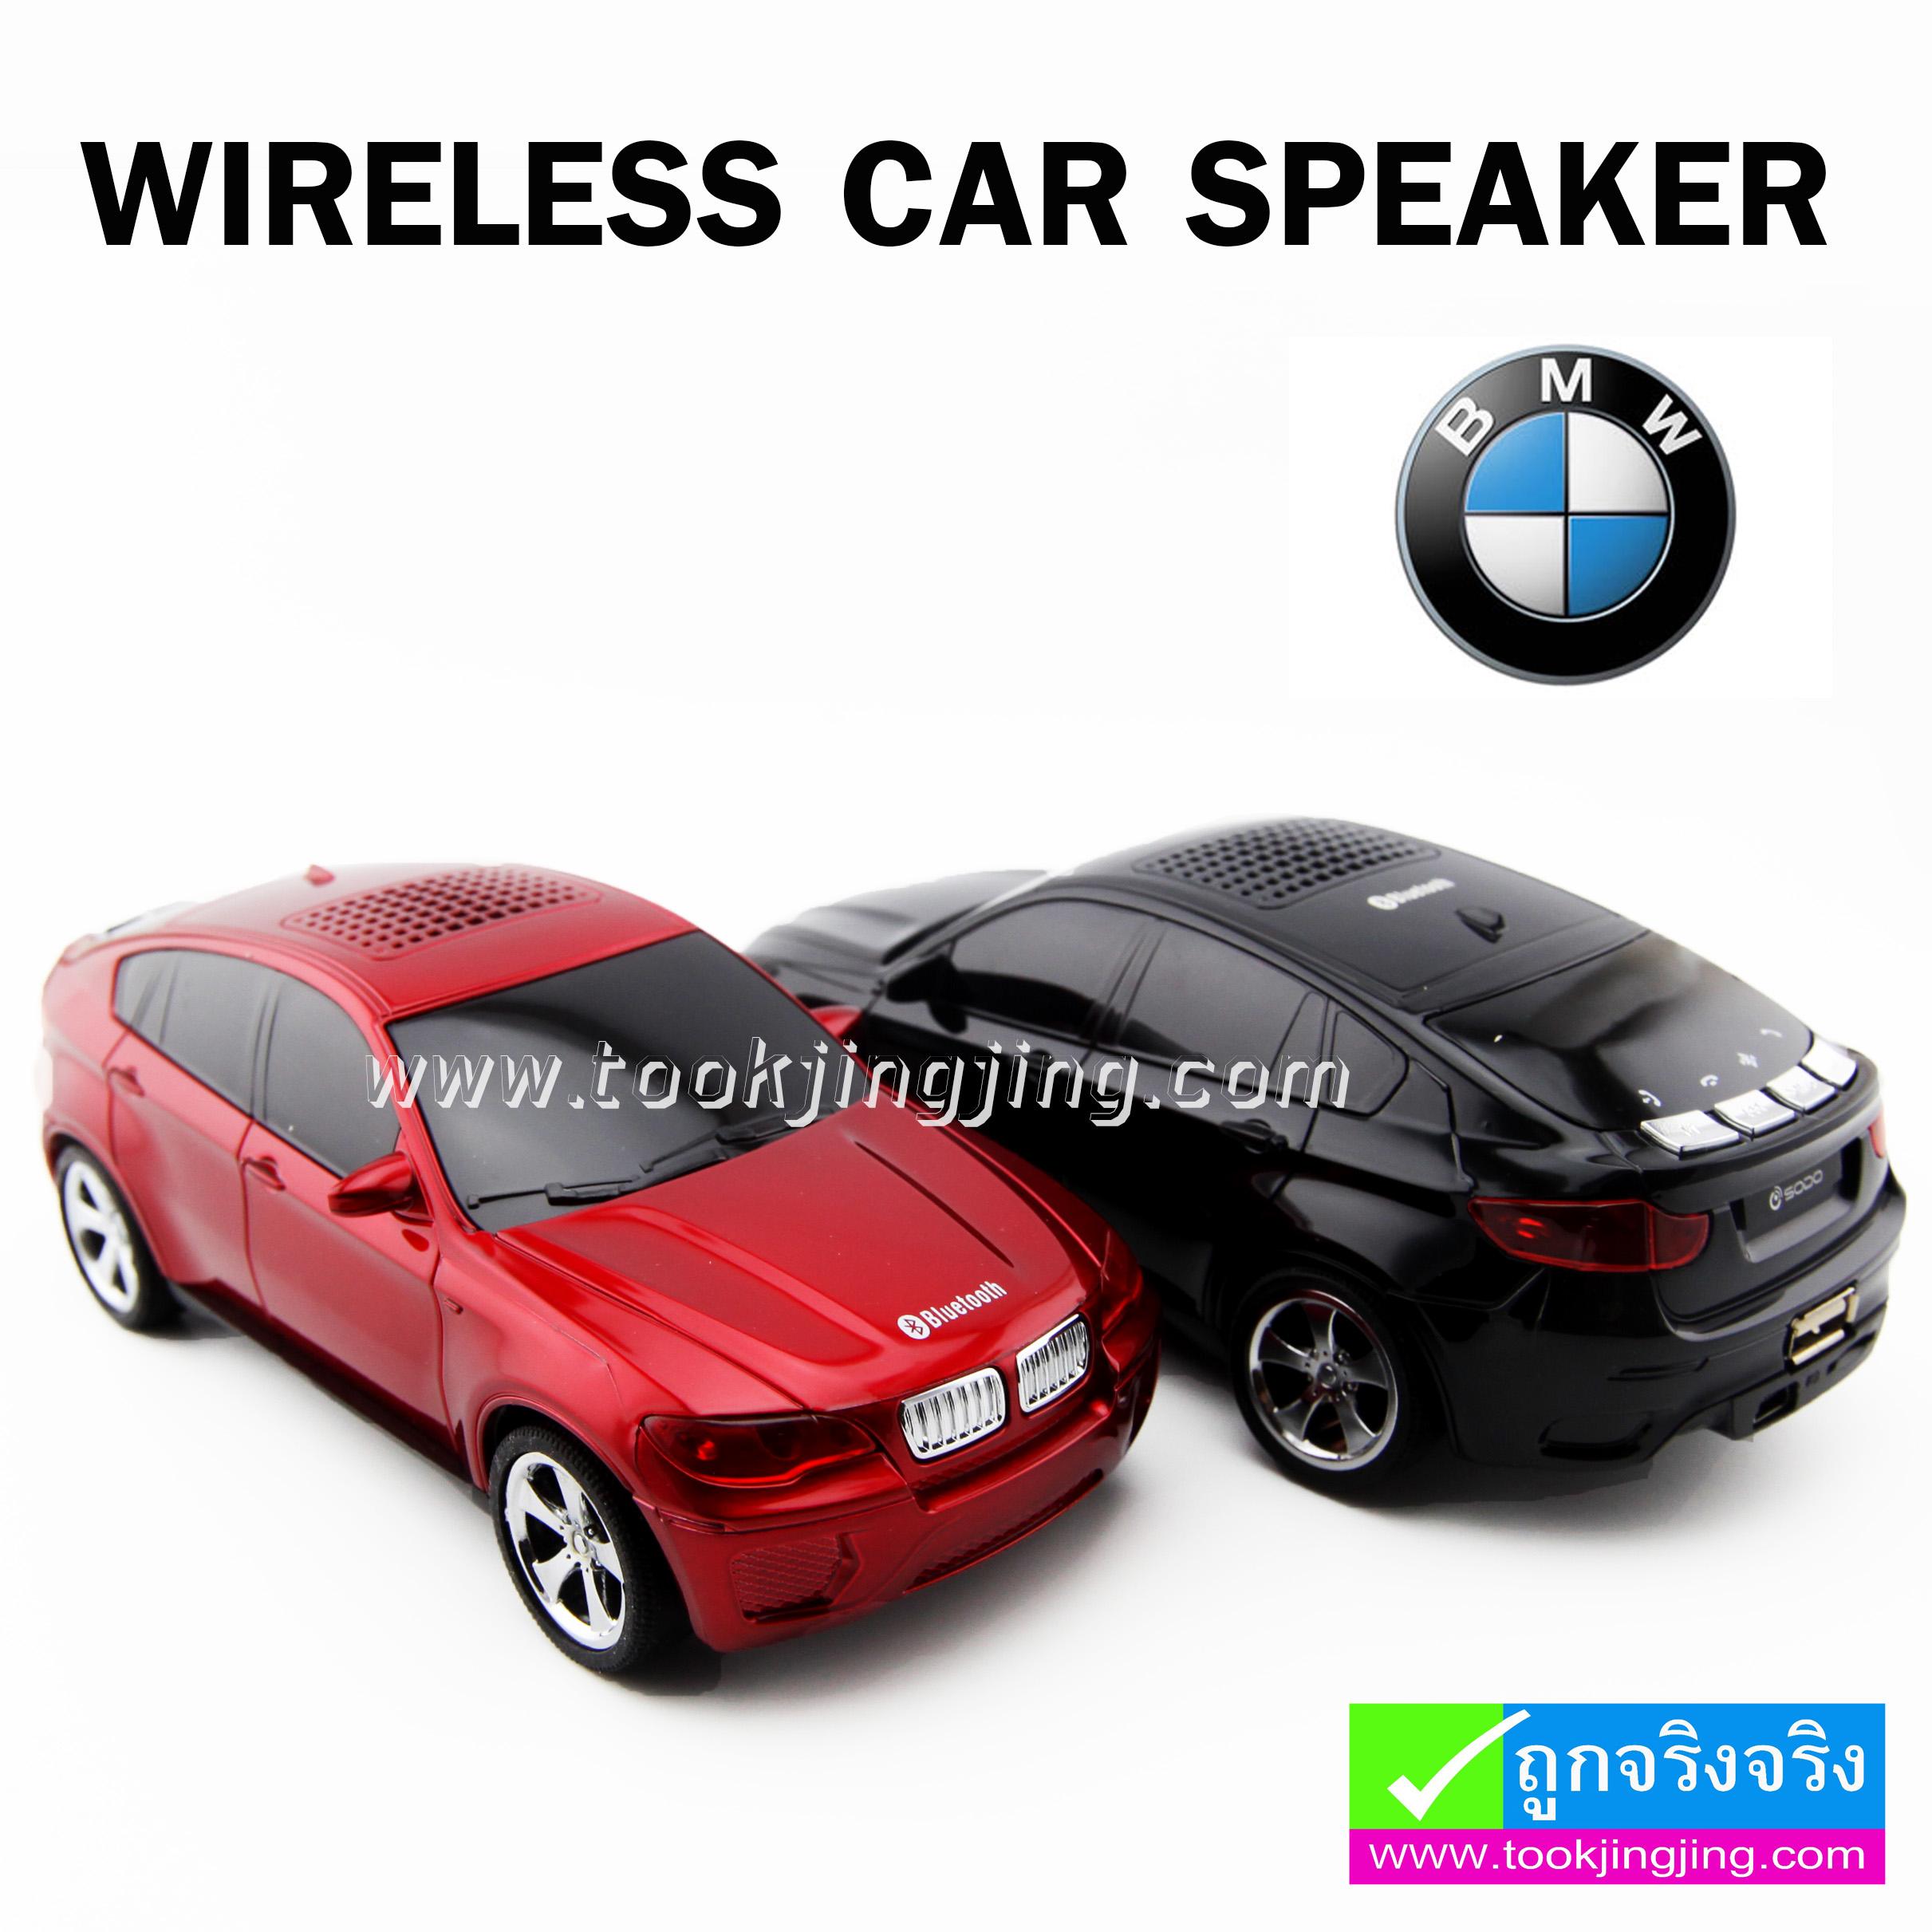 ลำโพง บลูทูธ BMW Wireless Car Speaker ราคา 395 บาท ปกติ 930 บาท